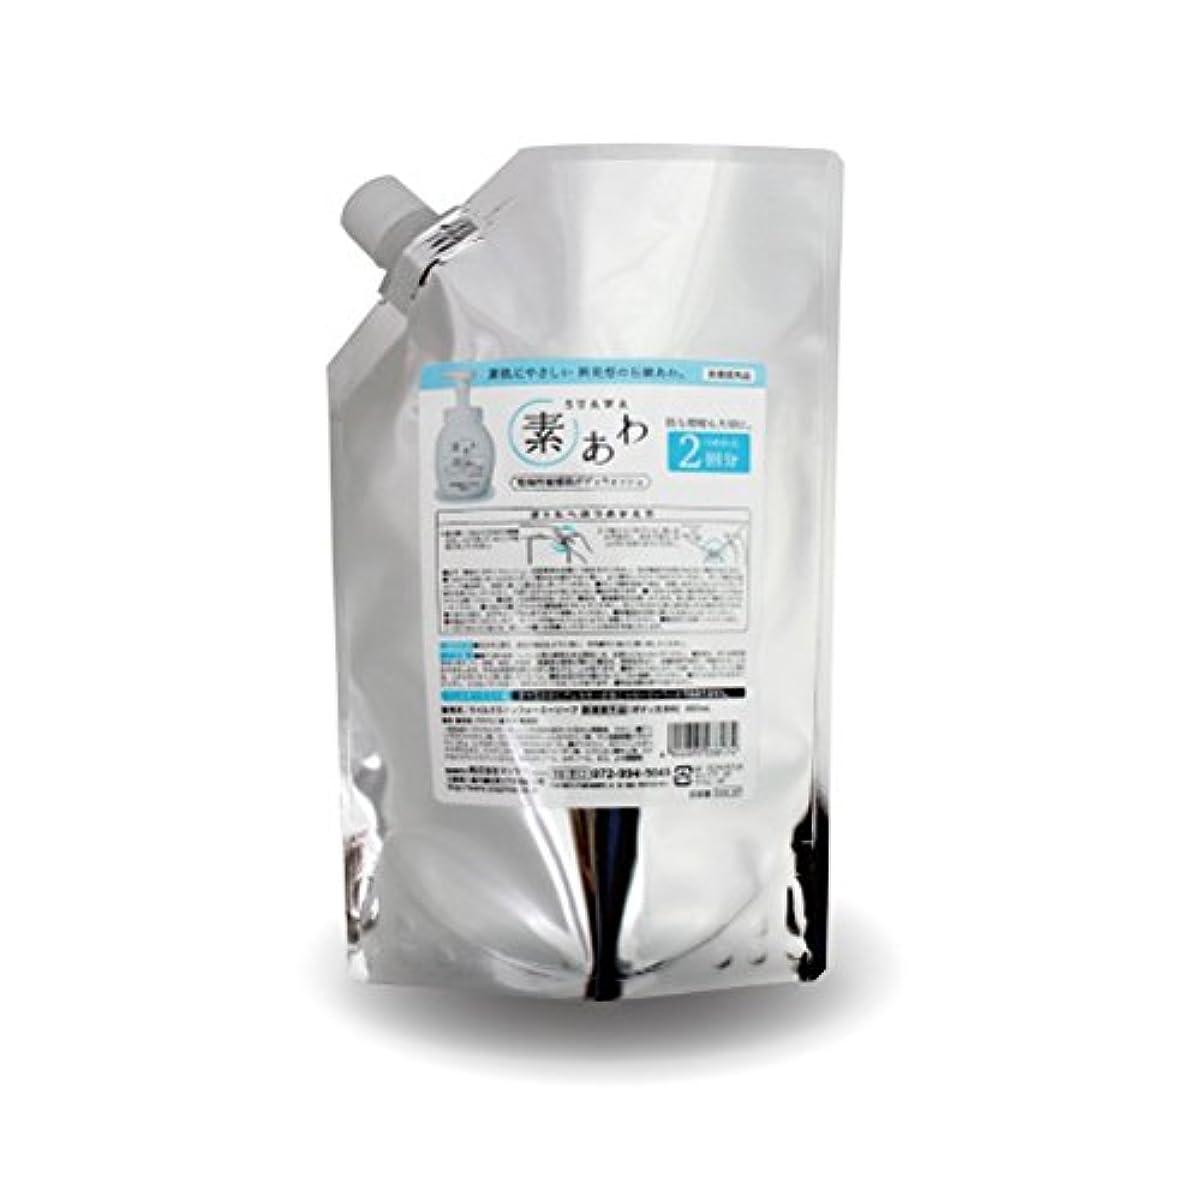 放出いじめっ子突進薬用 素あわ 泡タイプ ボディソープ 詰替2回分パウチ 800mL 乾 燥 肌 ? 敏 感 肌 に